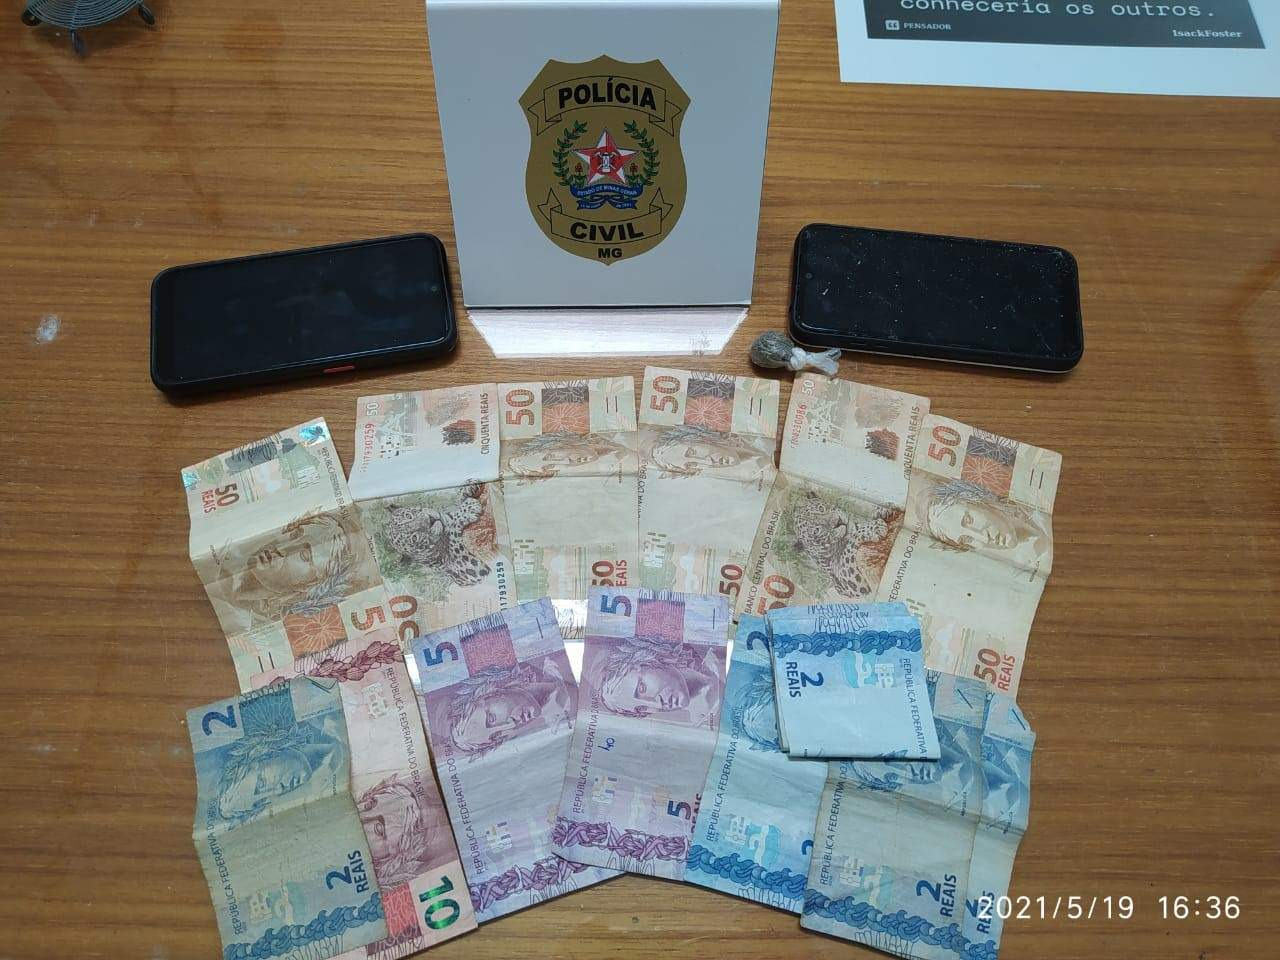 Operação das polícias Civil e Militar prende traficante e recolhe dinheiro e drogas